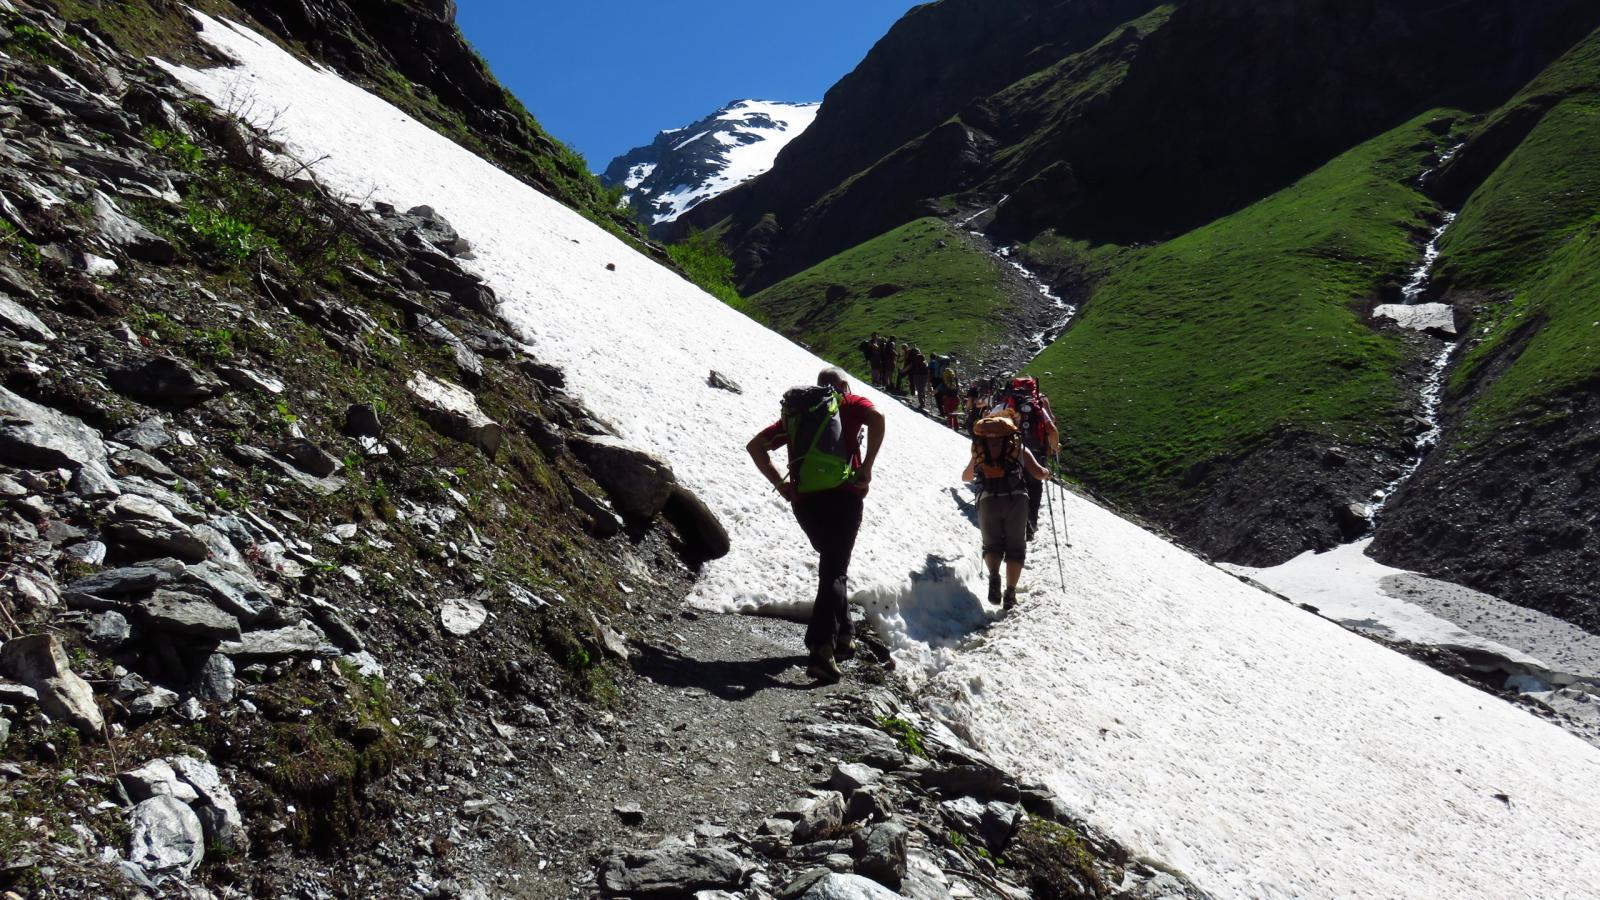 prime lingue di neve lungo il sentiero per il Rifugio Bezzi